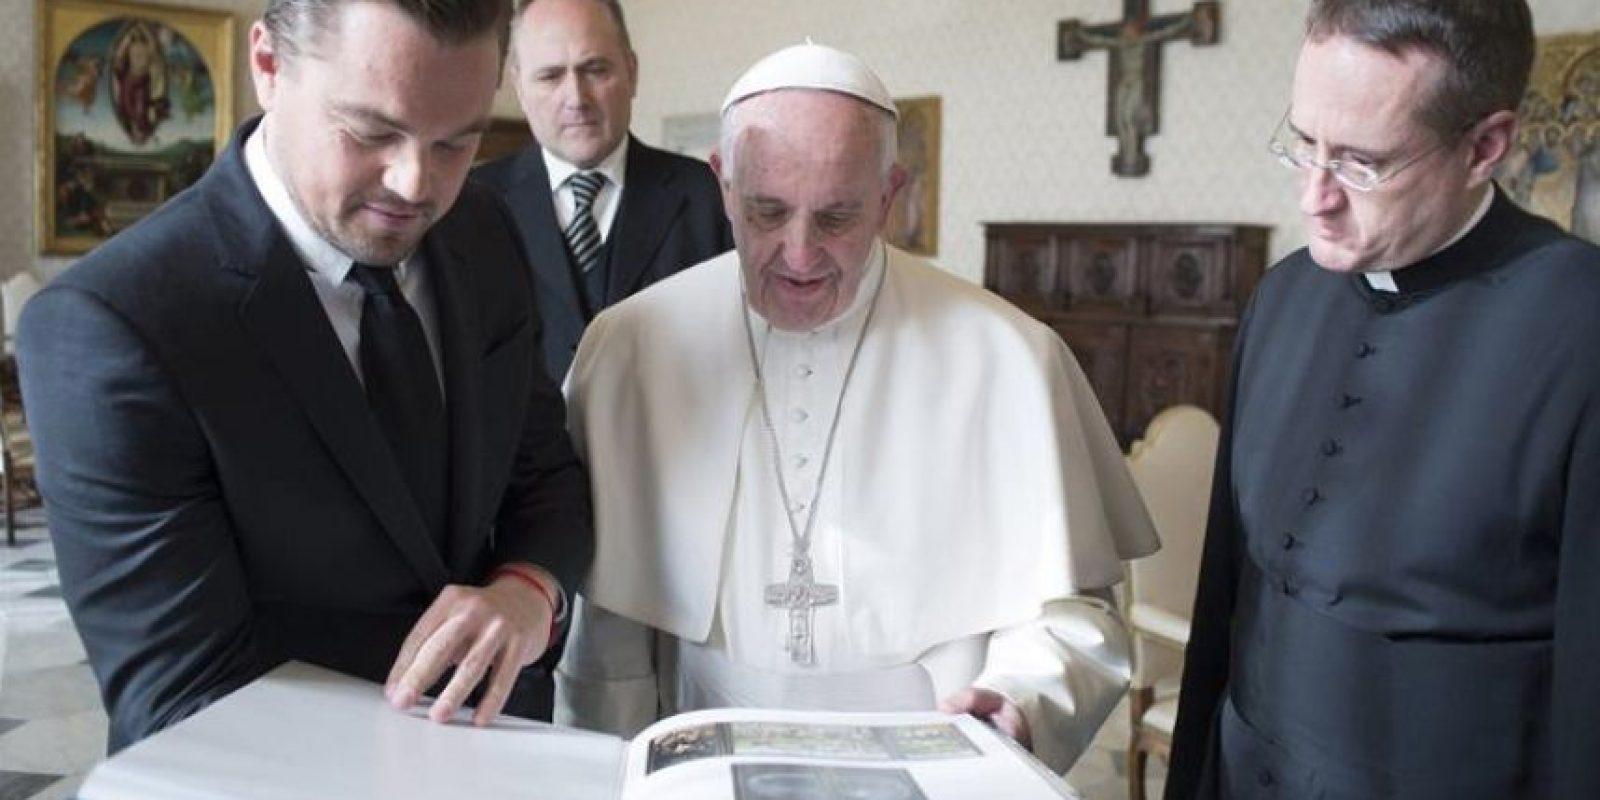 Fotografía facilitada por el Osservatore Romano que muestra al papa Francisco (c) junto al actor estadounidense Leonardo Di Caprio Foto:EFE